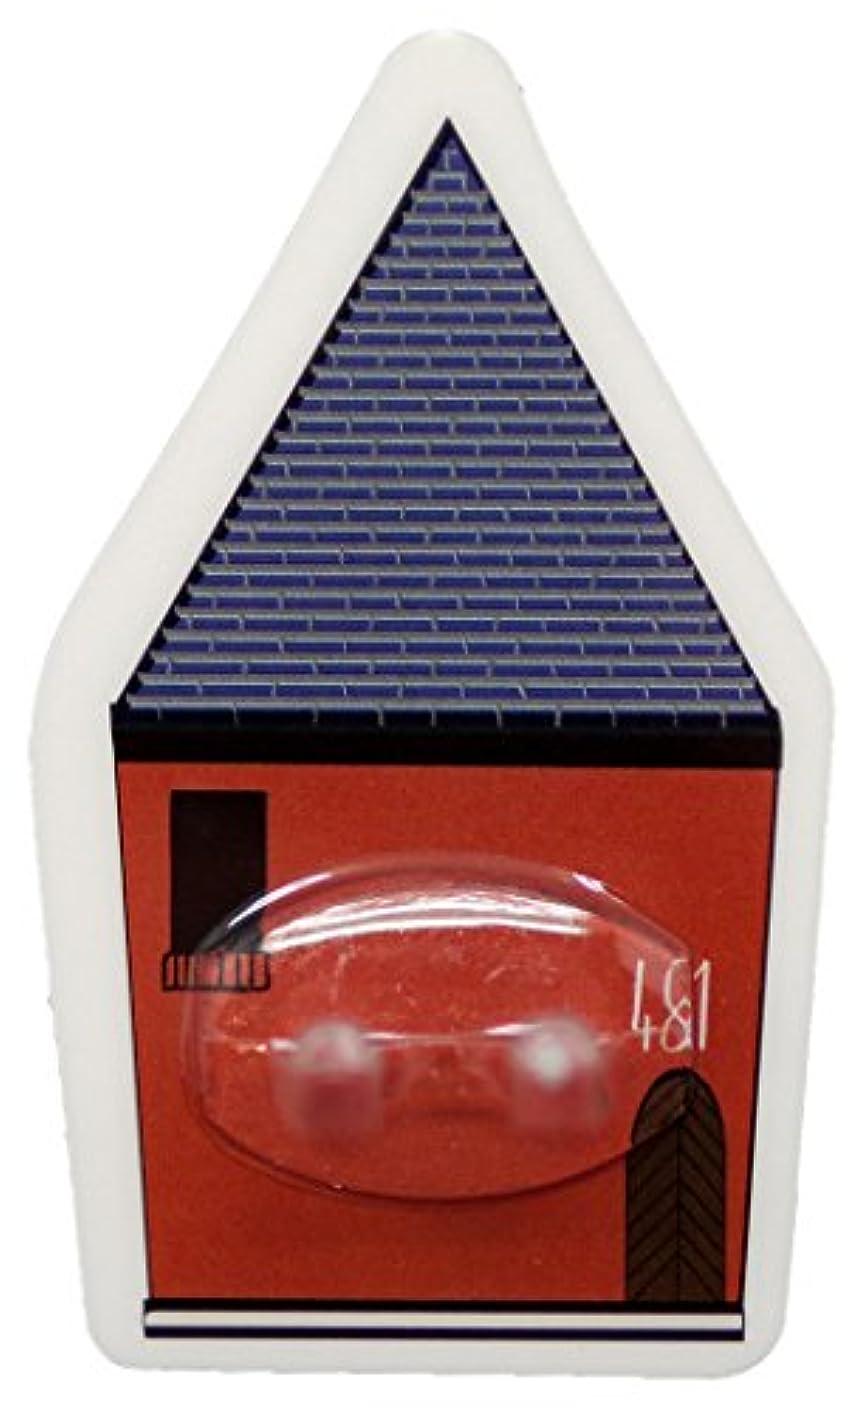 メイドレイ陽気なPALAS & DECORE LUONNOS Nordis(ノルディス) マジックシートフック ハブラシホルダー ハウスレッド NRD-10 B